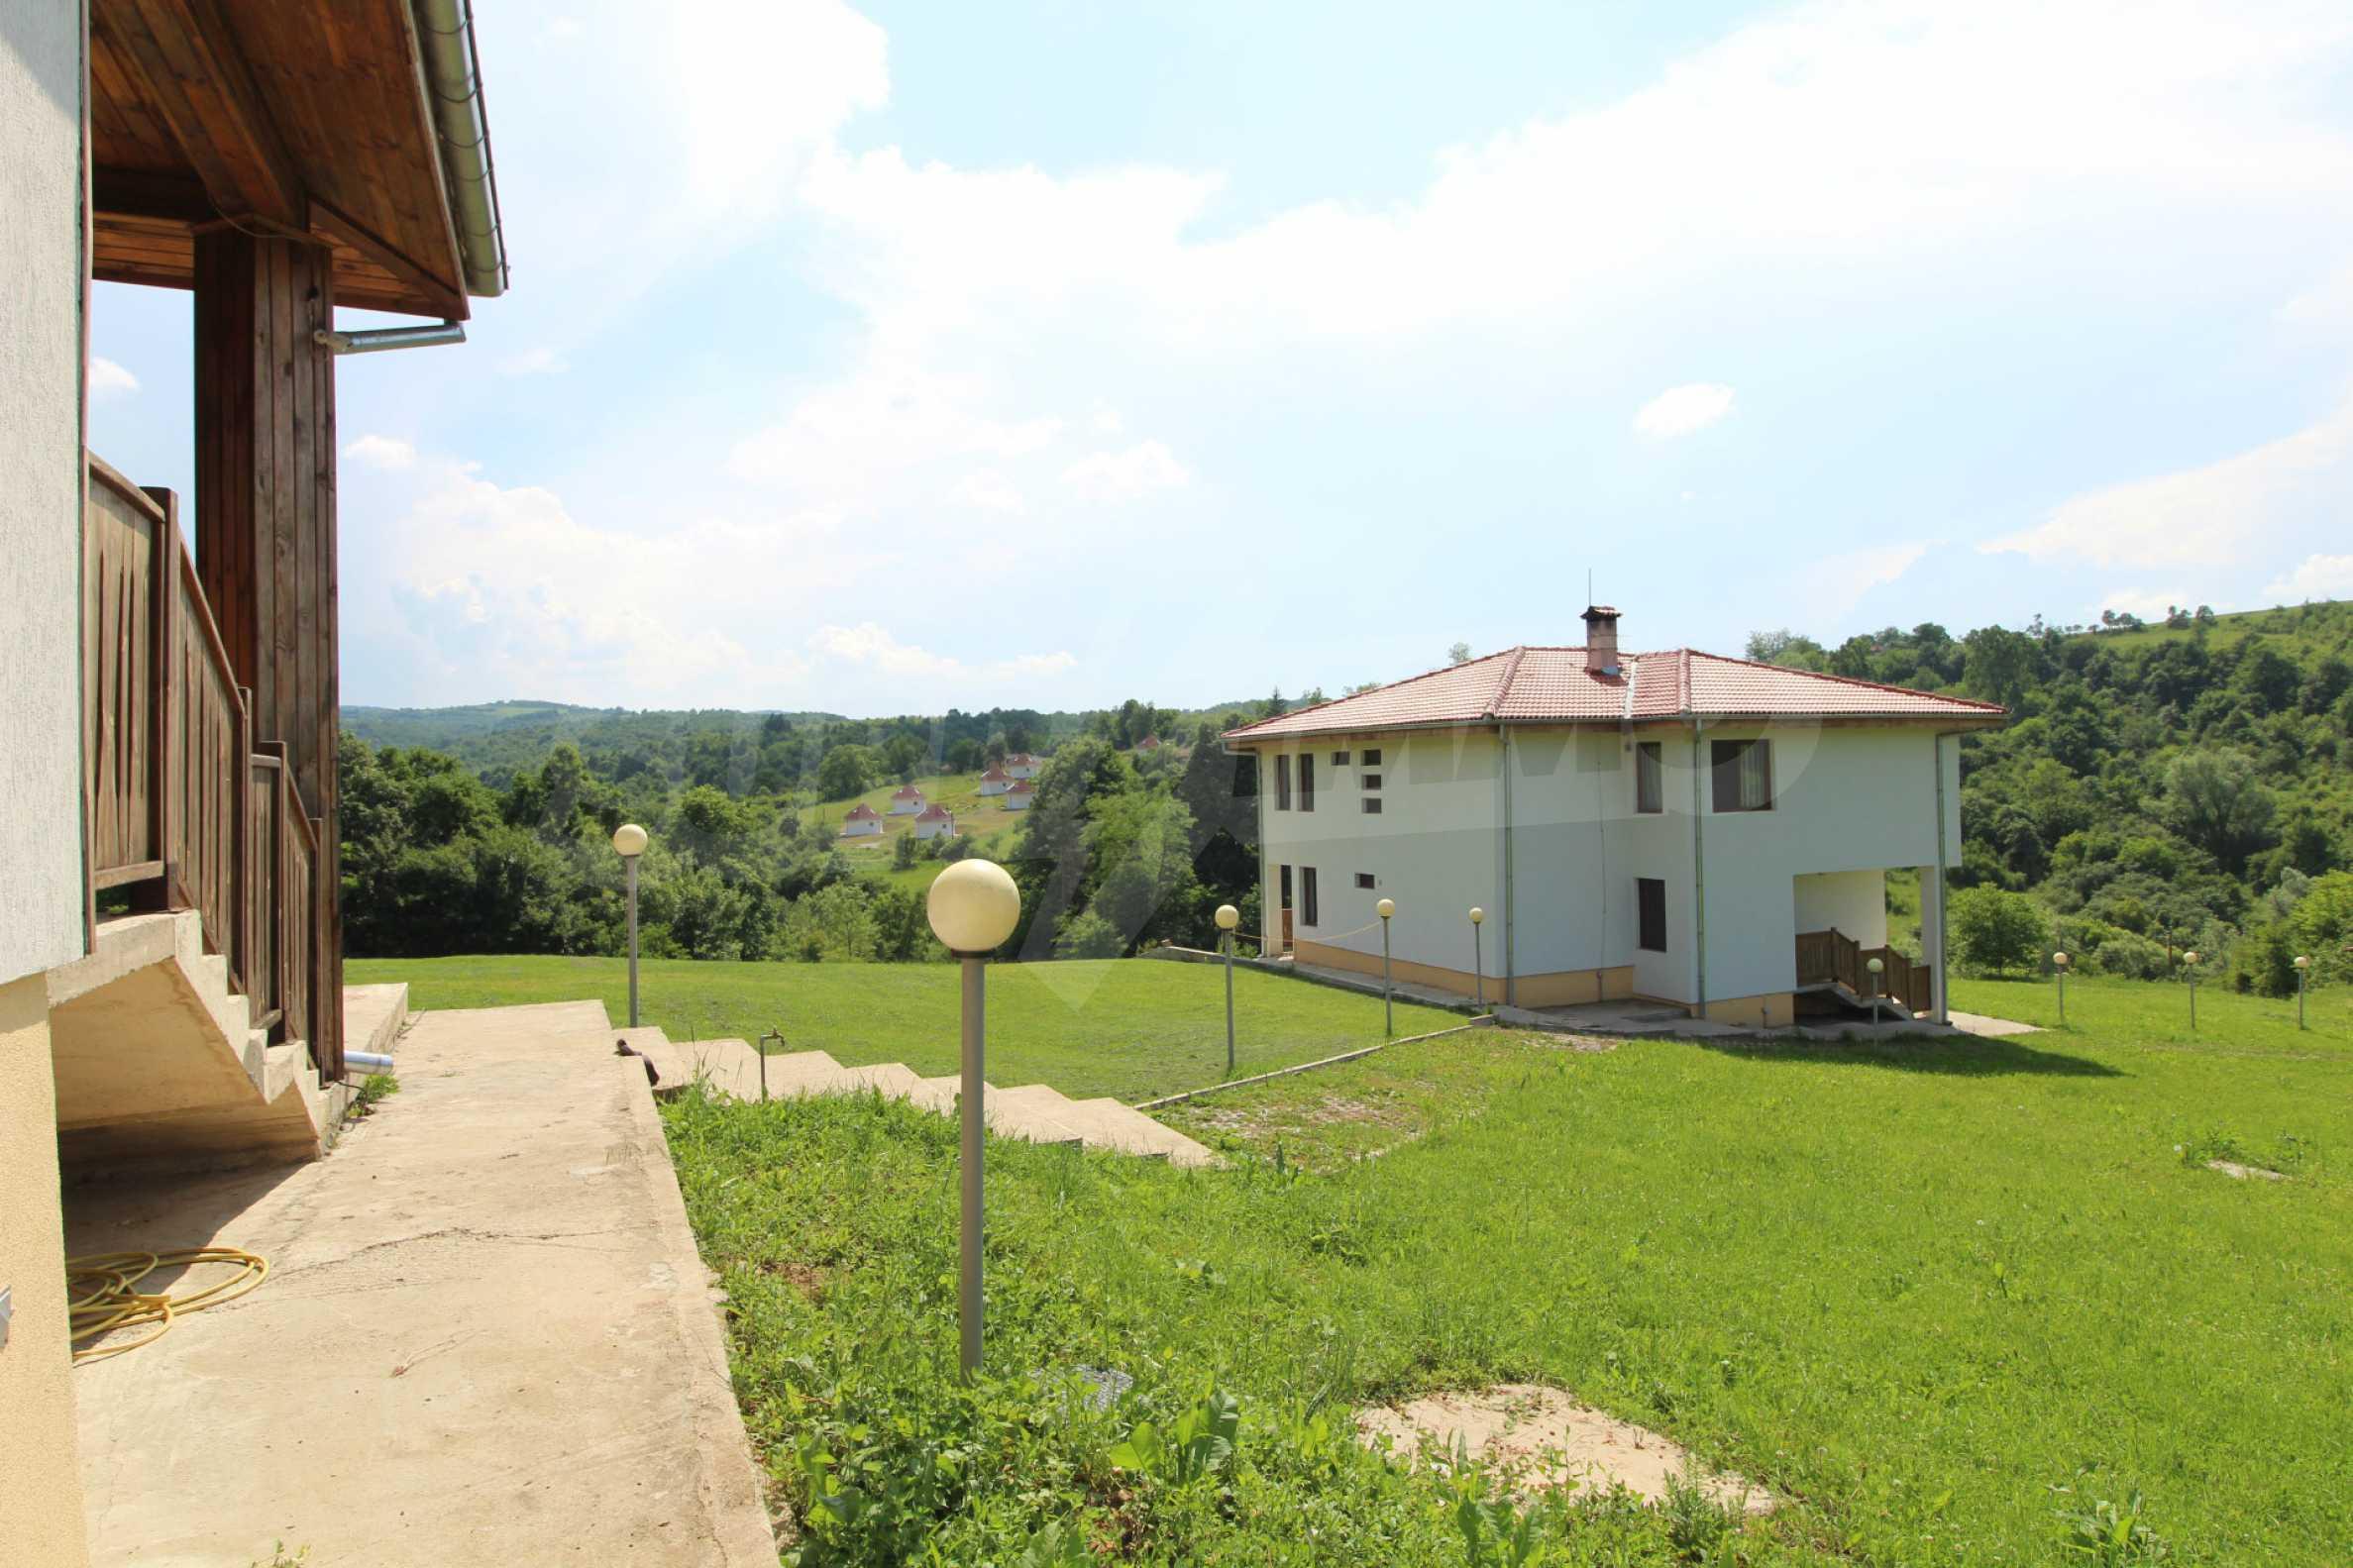 Планинско имение с басейн и  барбекю, с потенциал за развитие на бизнес  57